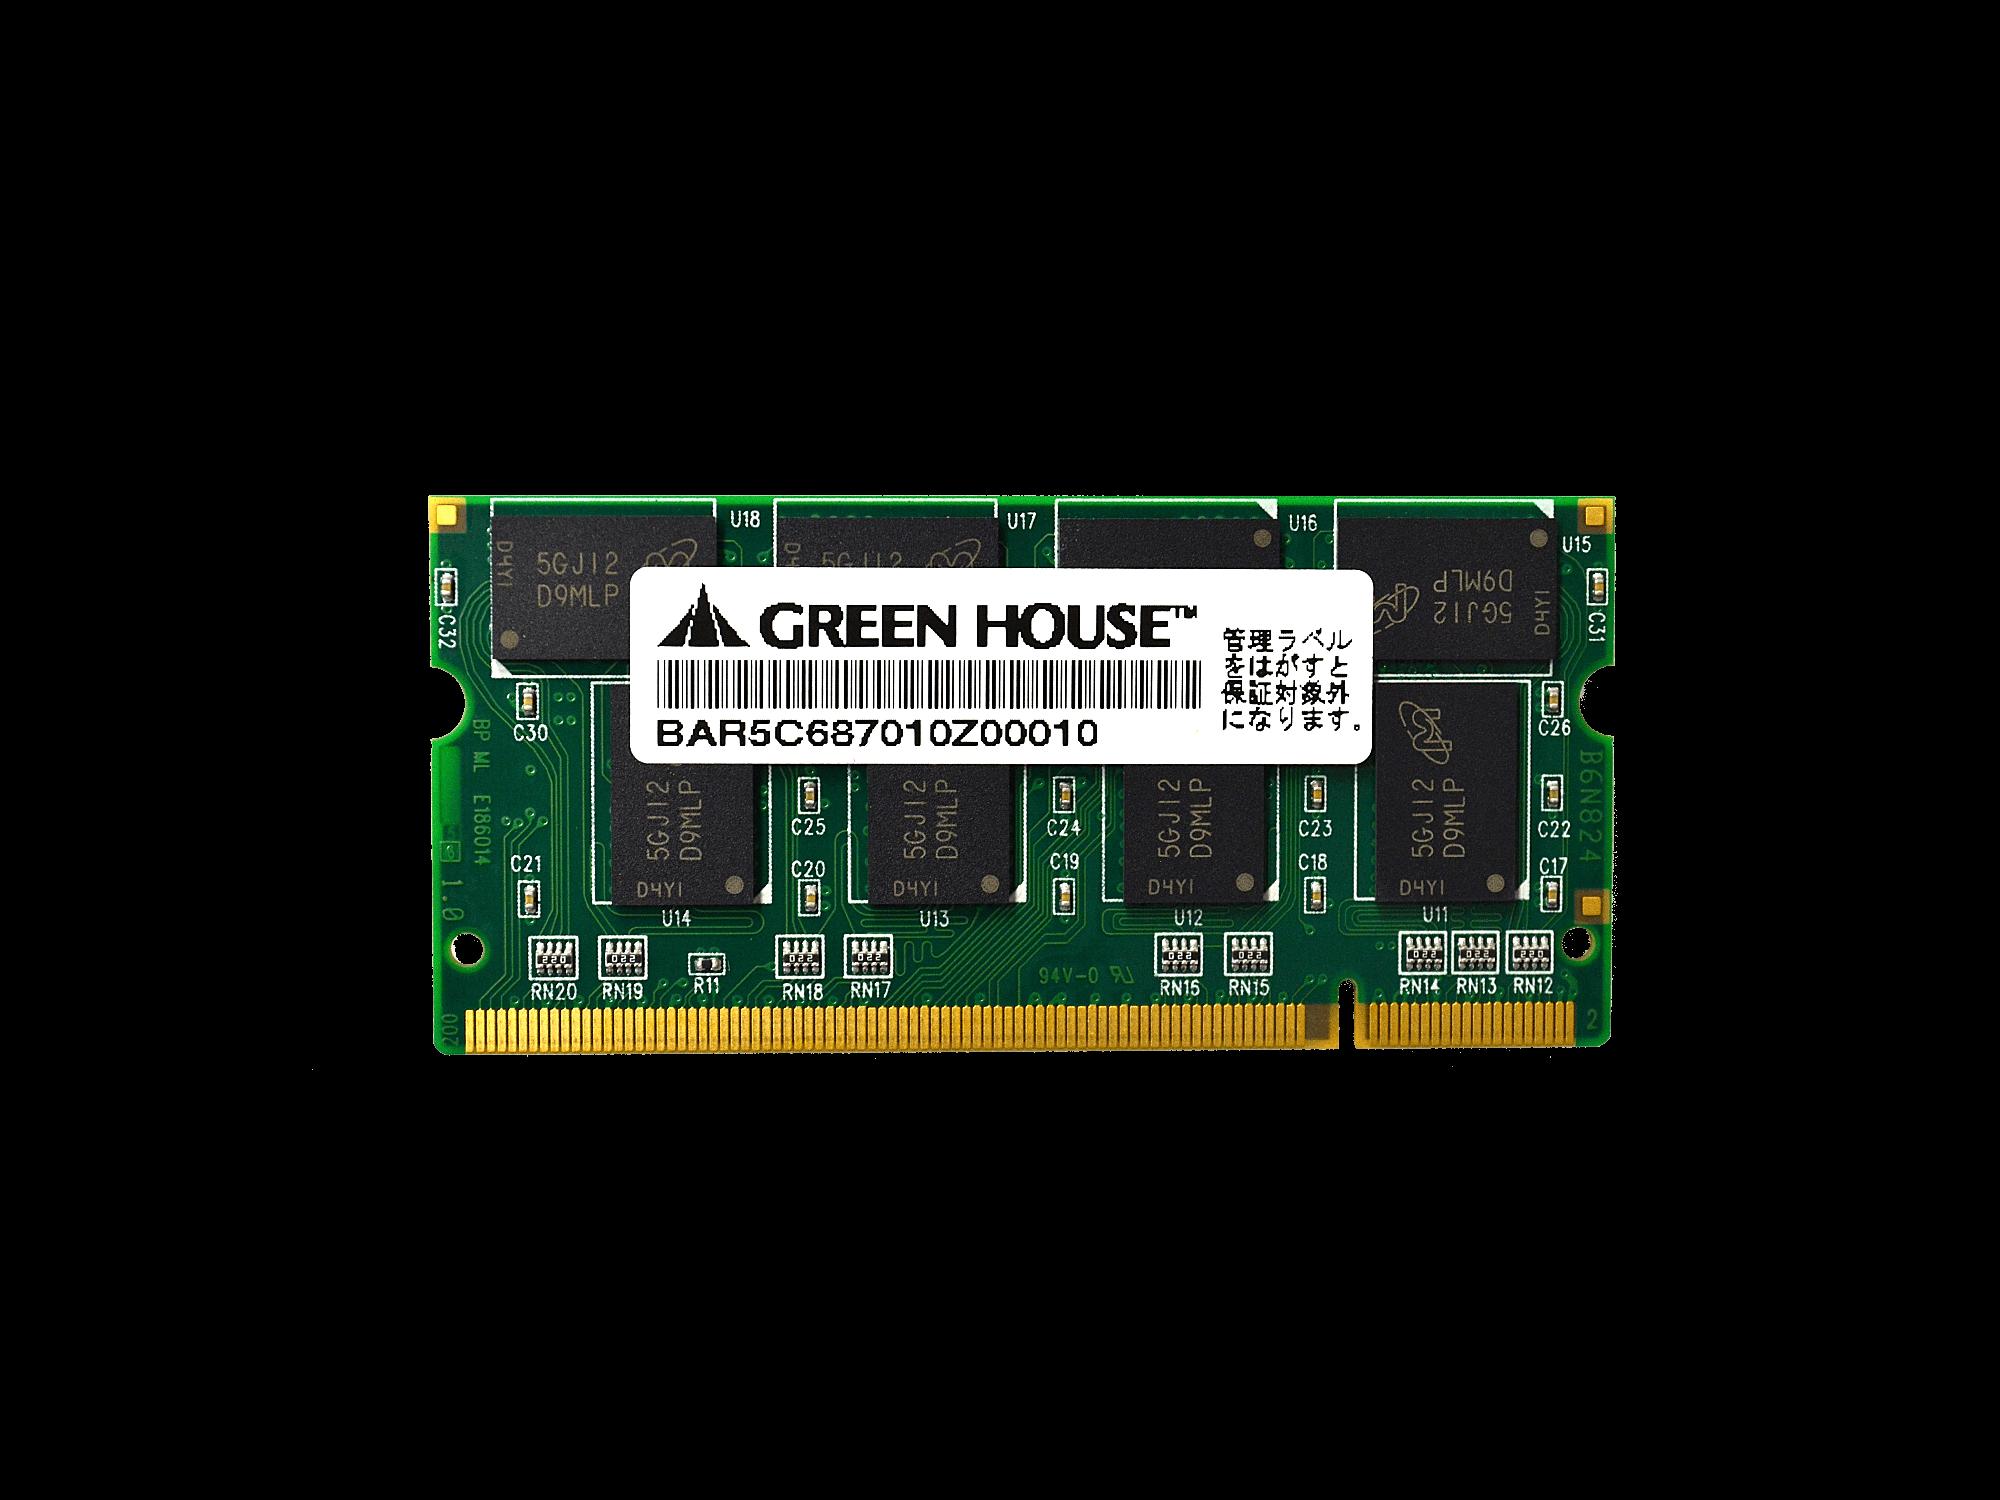 GH-DN333シリーズ